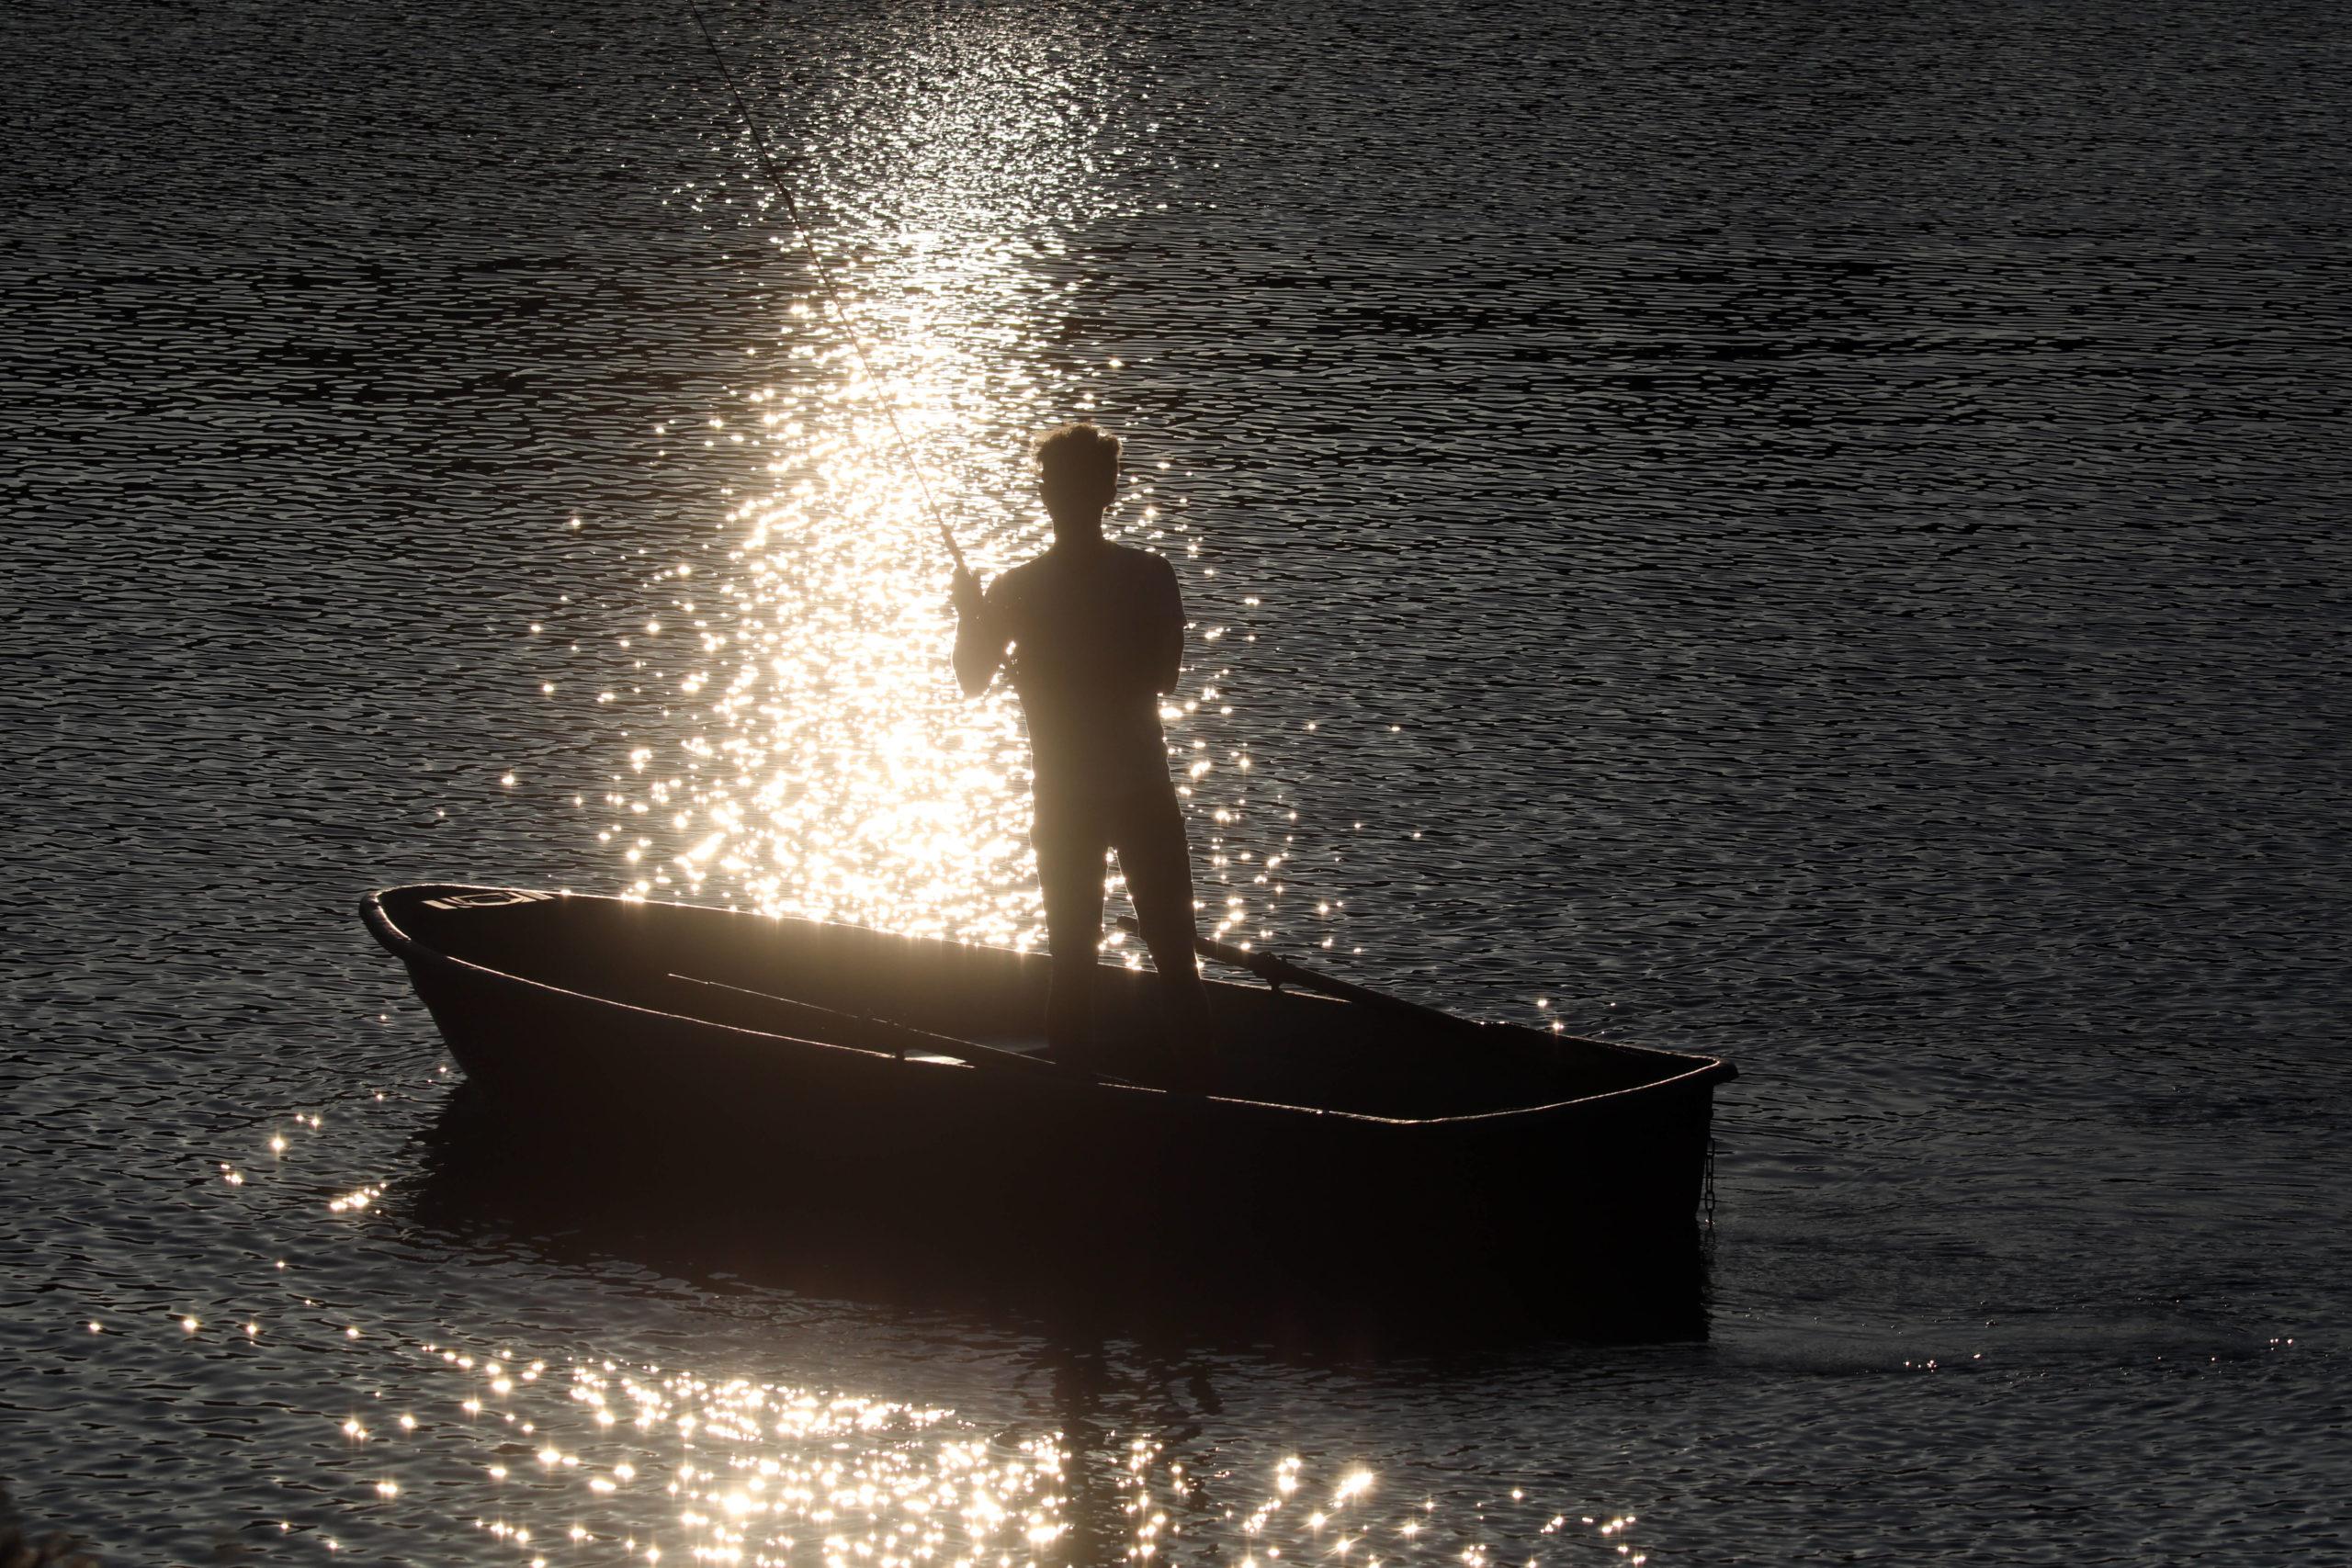 Wannsee Der Angelsport in den letzten Jahren wieder in Mode gekommen. Auch im Wannsee lässt sich Frischfisch fangen.